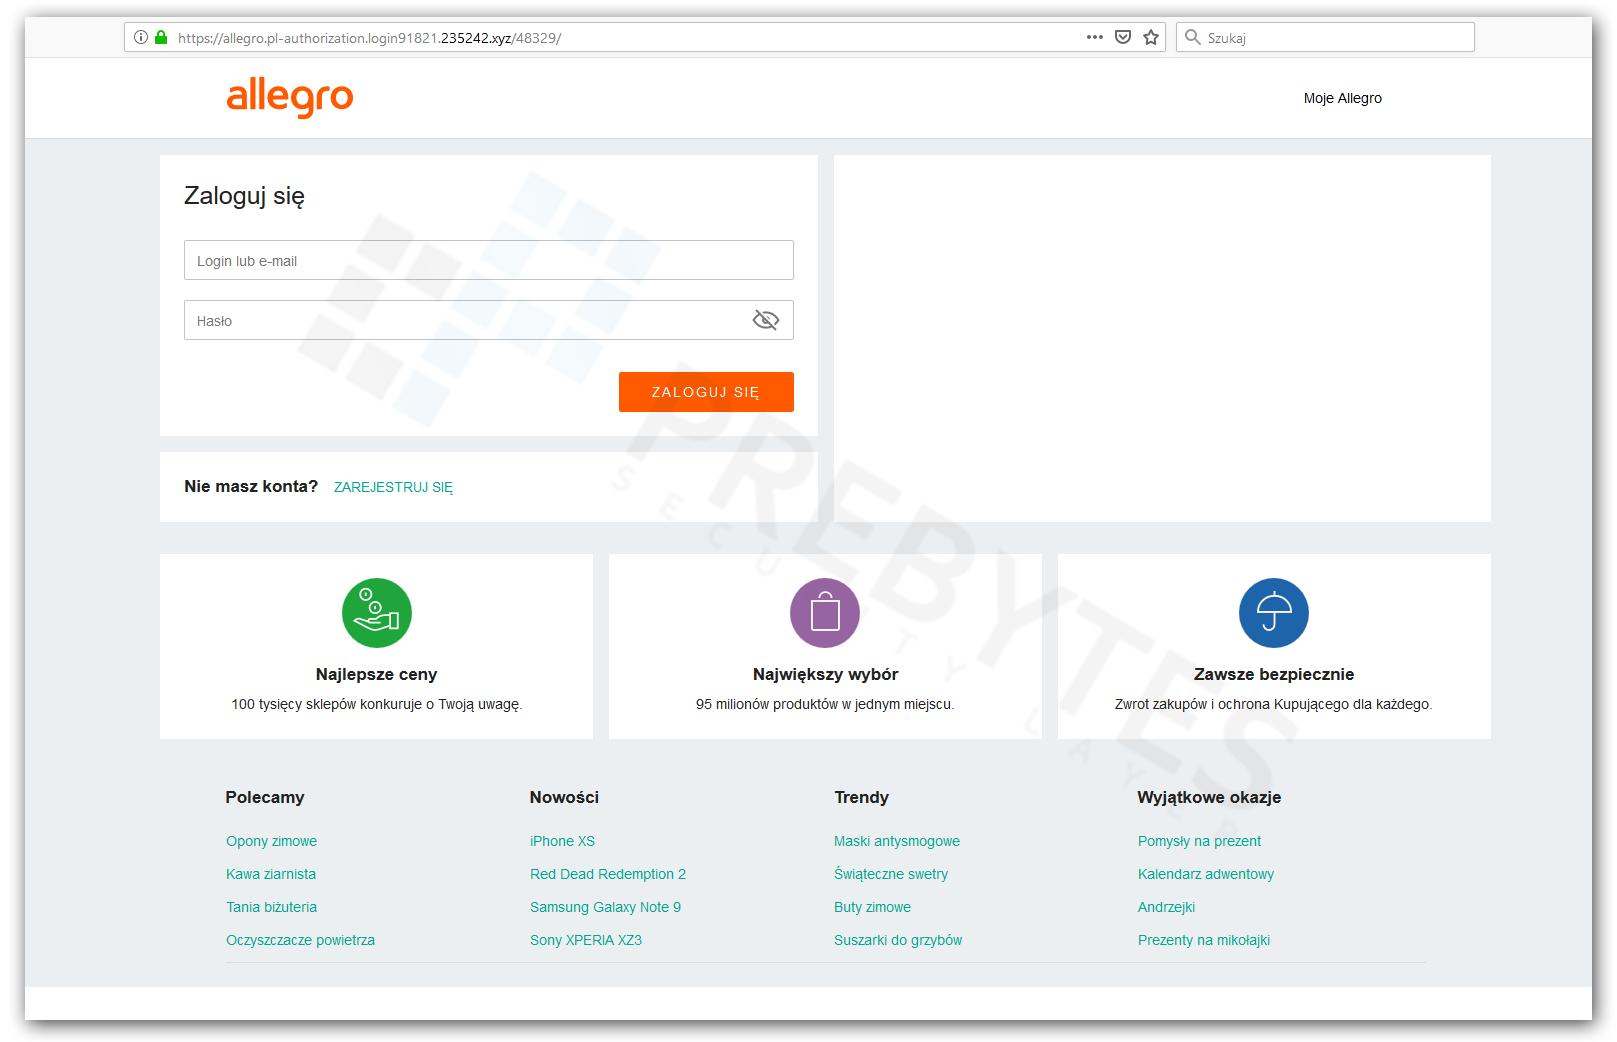 Falszywe Strony Allegro I Skuteczny Sposob Ochrony Przed Nimi Browserwall